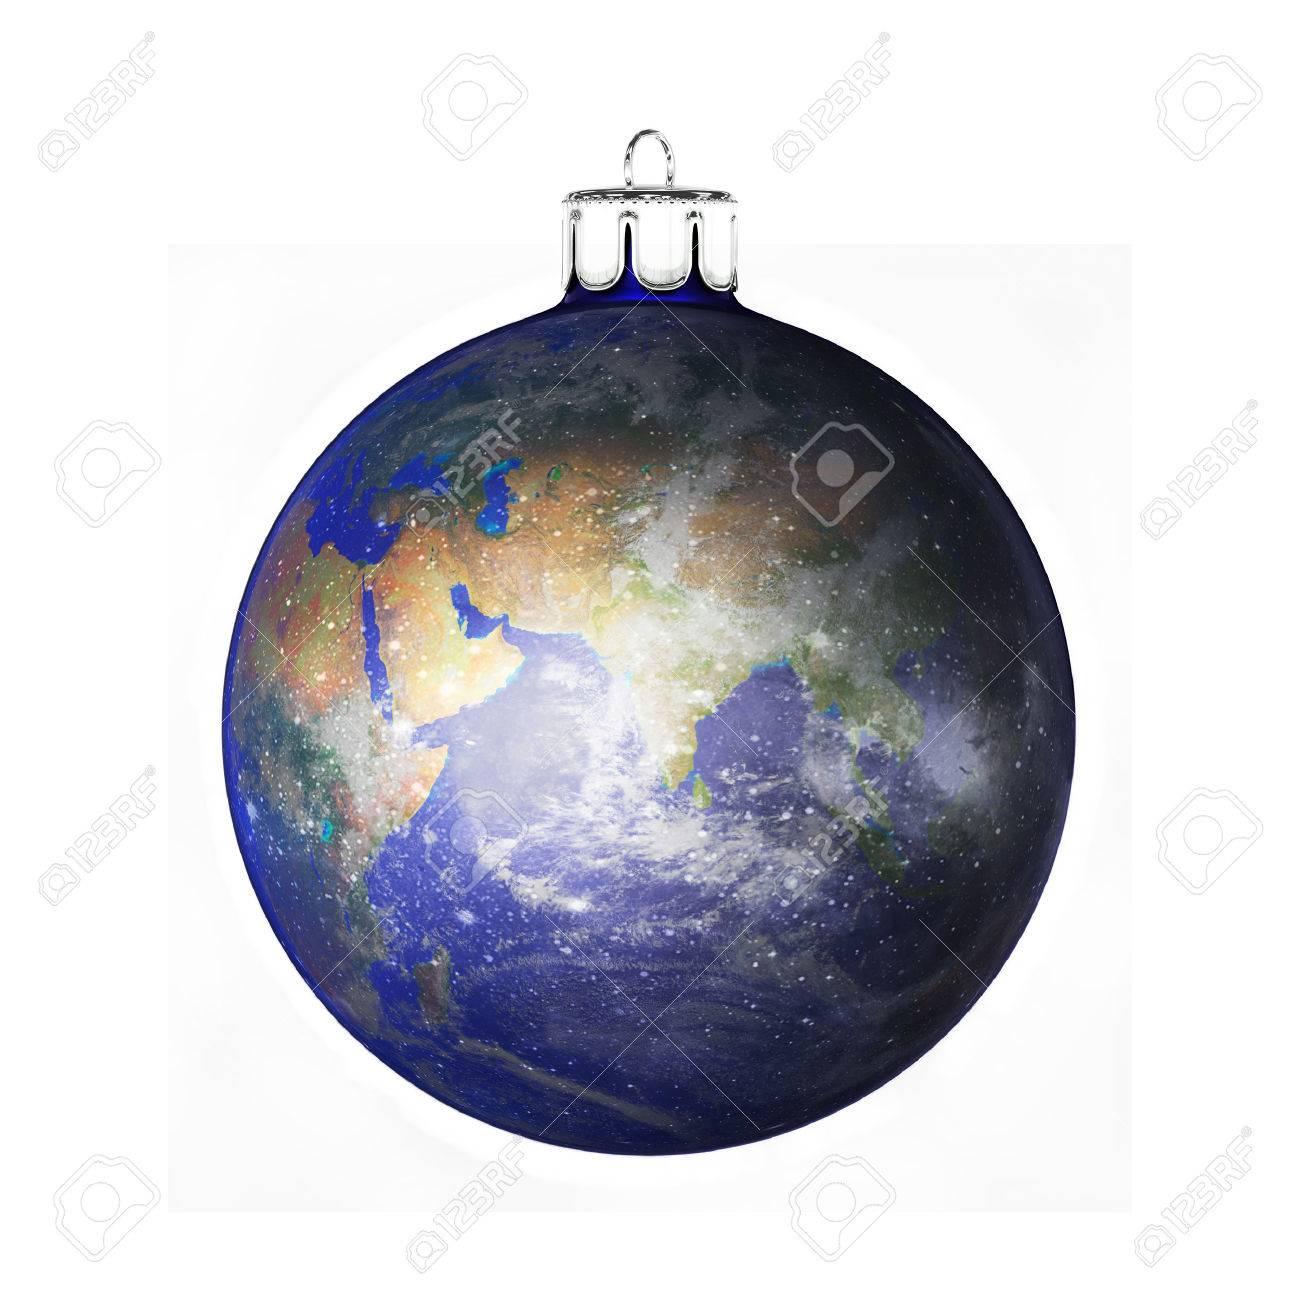 Boule De Noel Parfait Dans La Forme De La Planete Terre Isole Sur Fond Blanc Banque D Images Et Photos Libres De Droits Image 43647446